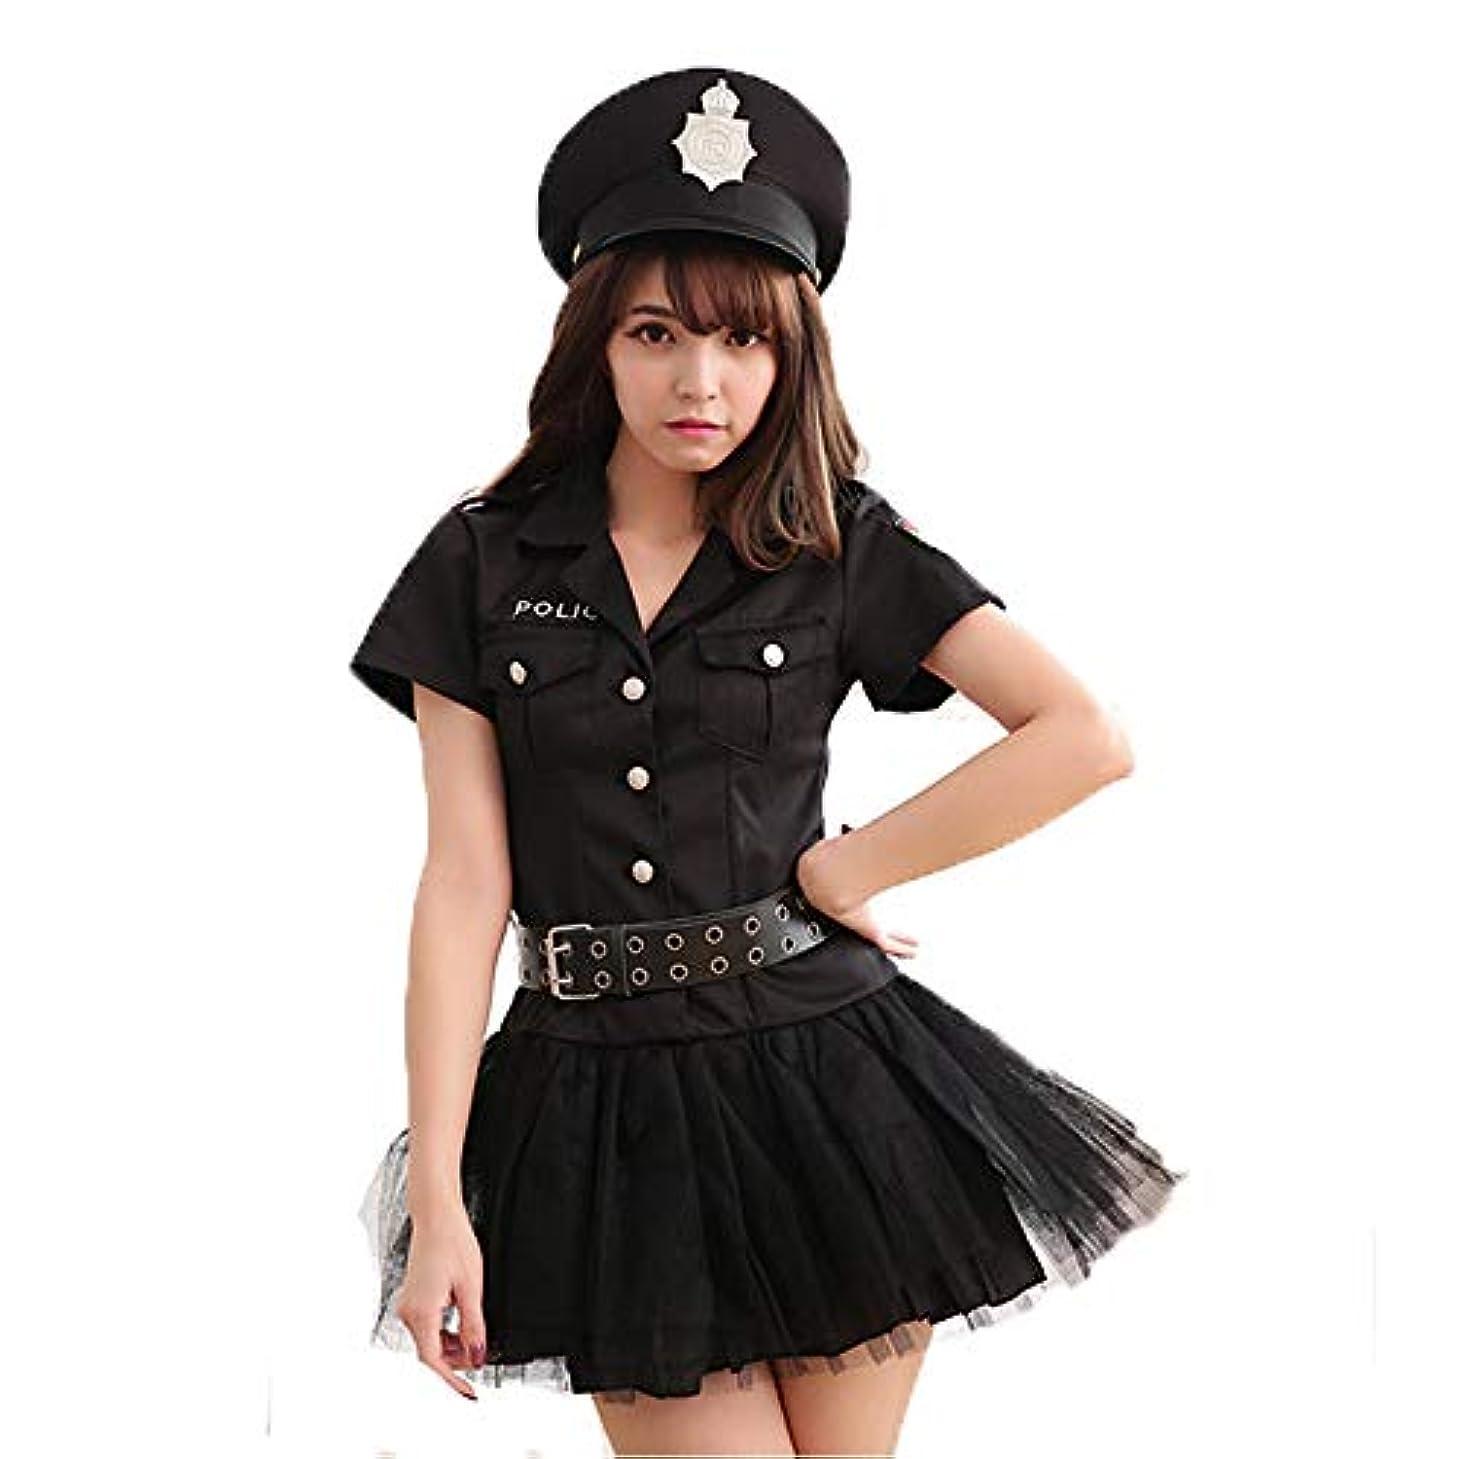 グラディス間違えたアヒルFruit Sugar コスプレ ハロウィン ポリス ミニスカ ミニ スカート ワンピース 警察官 婦人 警官 可愛い コスプレ衣装 コスチューム 黒 レディース 仮装